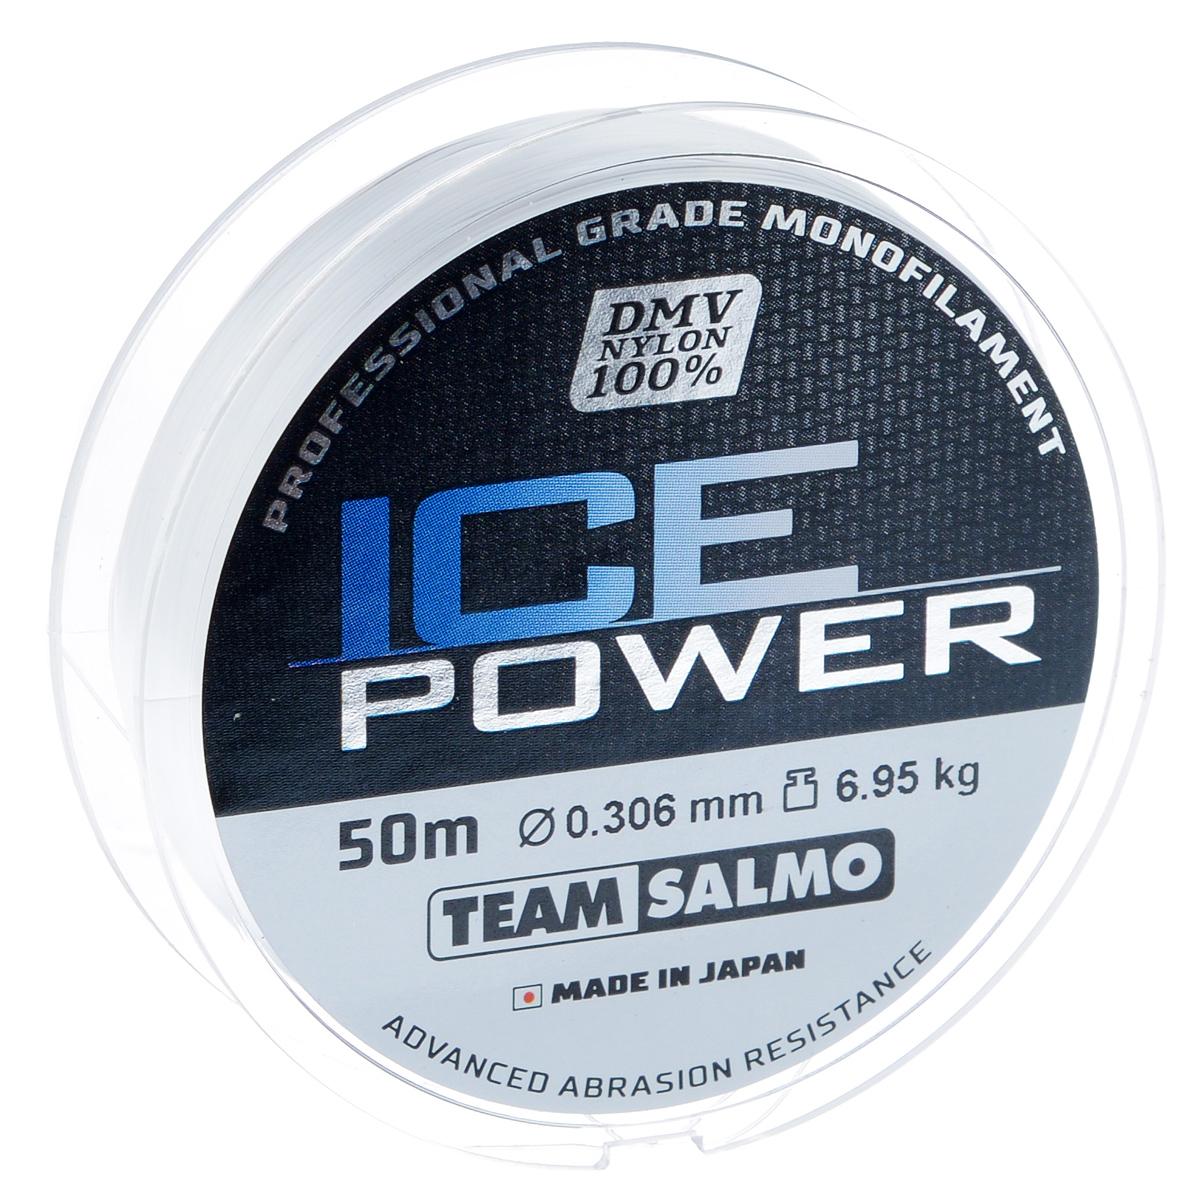 Леска монофильная Team Salmo Ice Power, сечение 0,306 мм, длина 50 м леска монофильная team salmo ice power сечение 0 28 мм длина 50 м